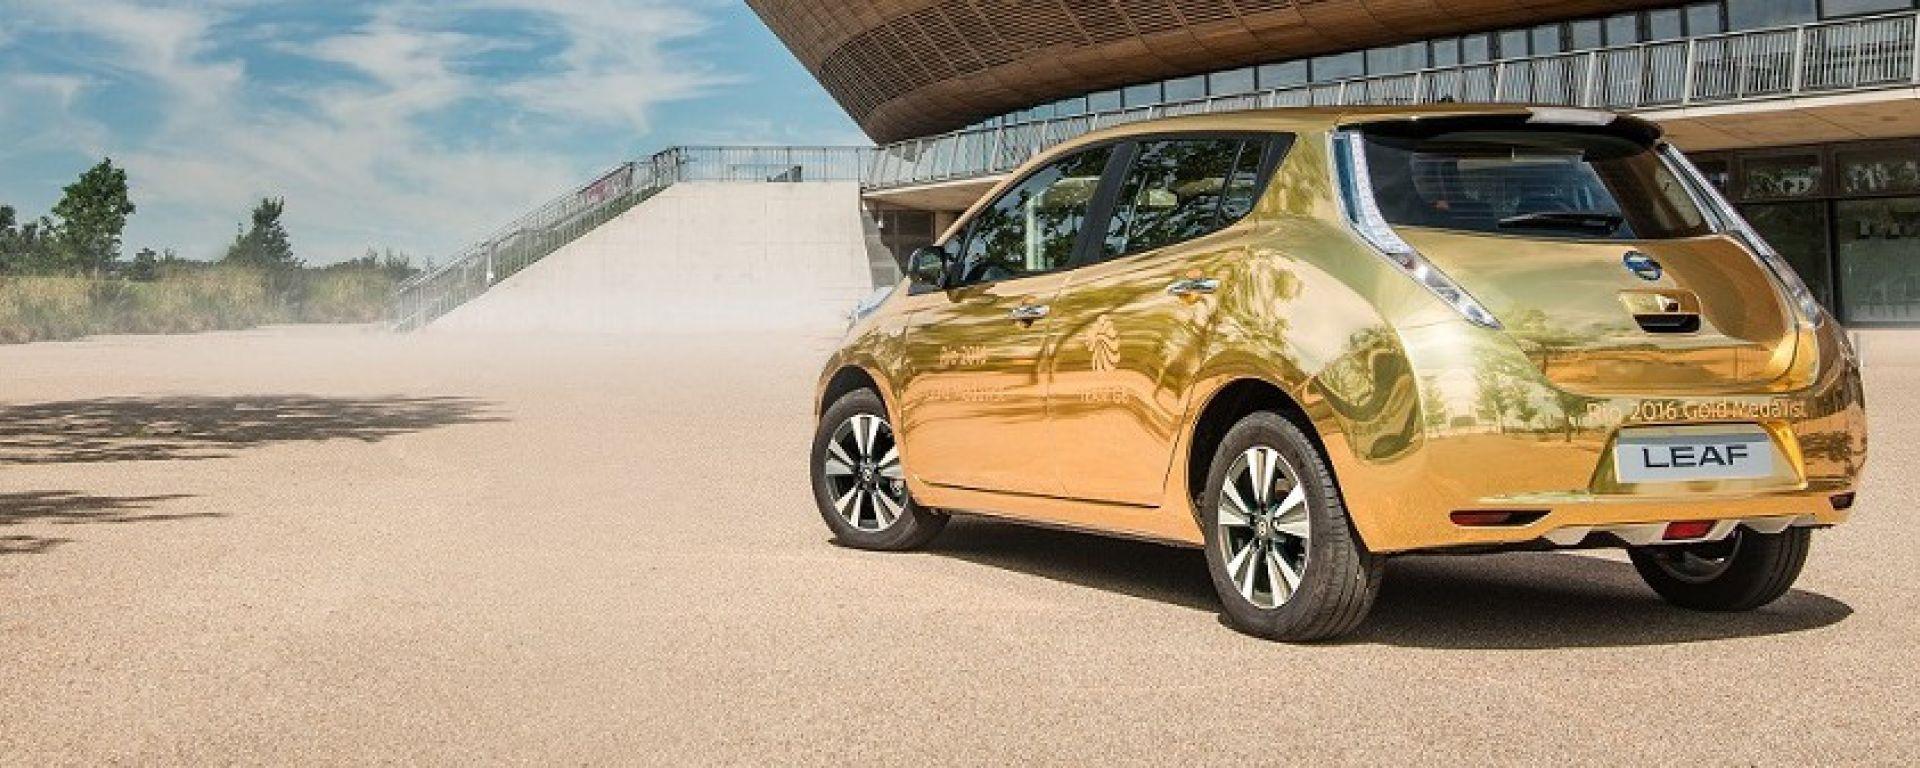 Nissan: la prima Leaf d'oro a Max Whitlock, ginnasta britannico